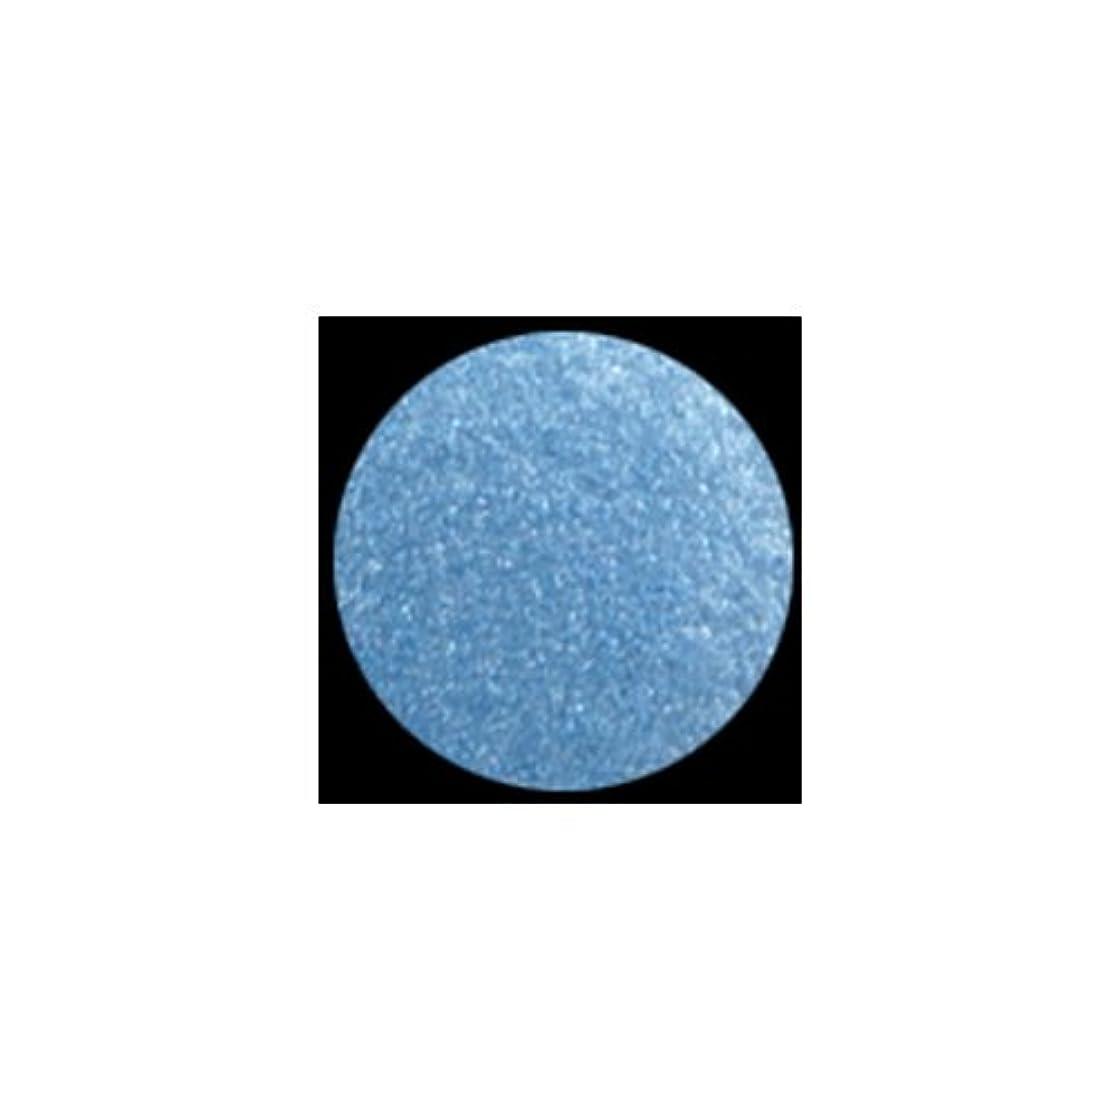 革命ダニビュッフェ(3 Pack) KLEANCOLOR American Eyedol (Wet/Dry Baked Eyeshadow) - Smoky Blue (並行輸入品)